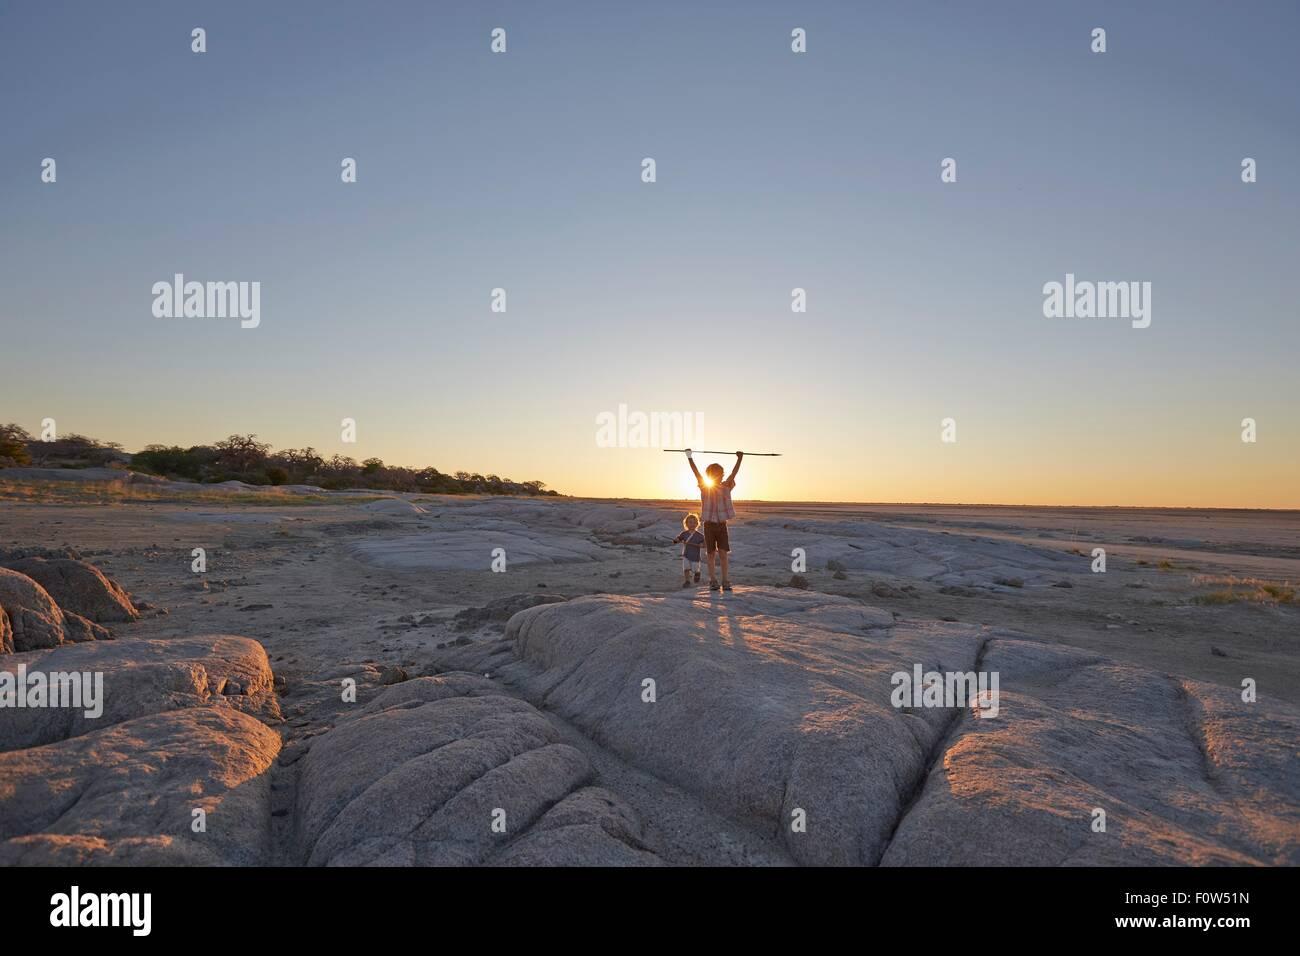 Two boys standing on rock, holding spear in air, sunset, Gweta, makgadikgadi, Botswana - Stock Image